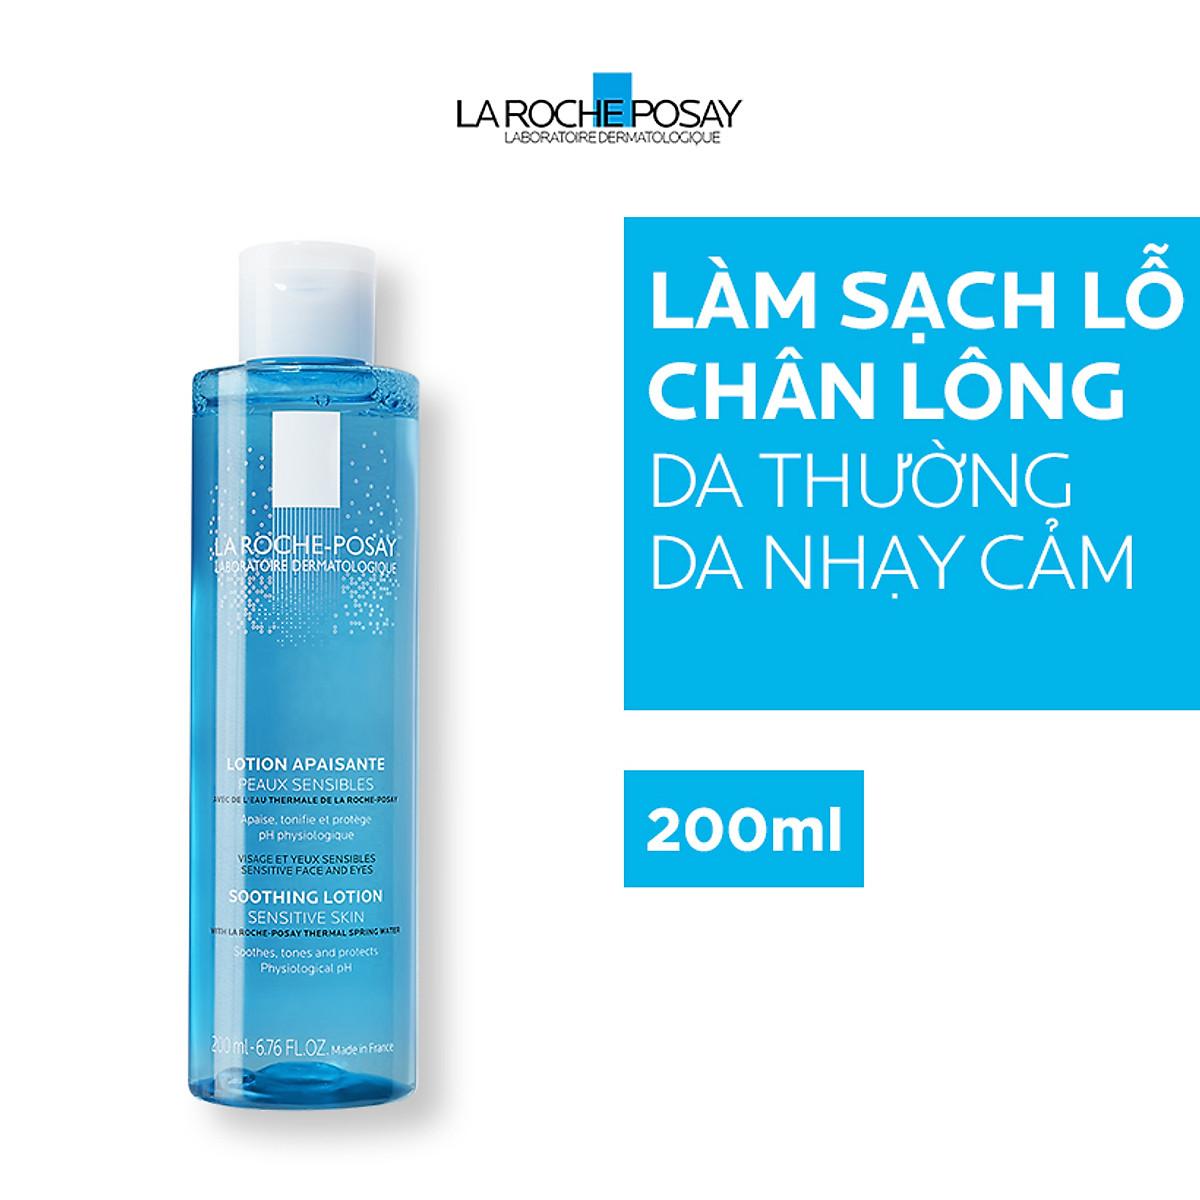 Nước Cân Bằng Giàu Khoáng Dành Cho Da Nhạy Cảm La Roche-Posay Soothing Lotion Sensitive Skin (200ml) + TẶNG MÓC KHÓA